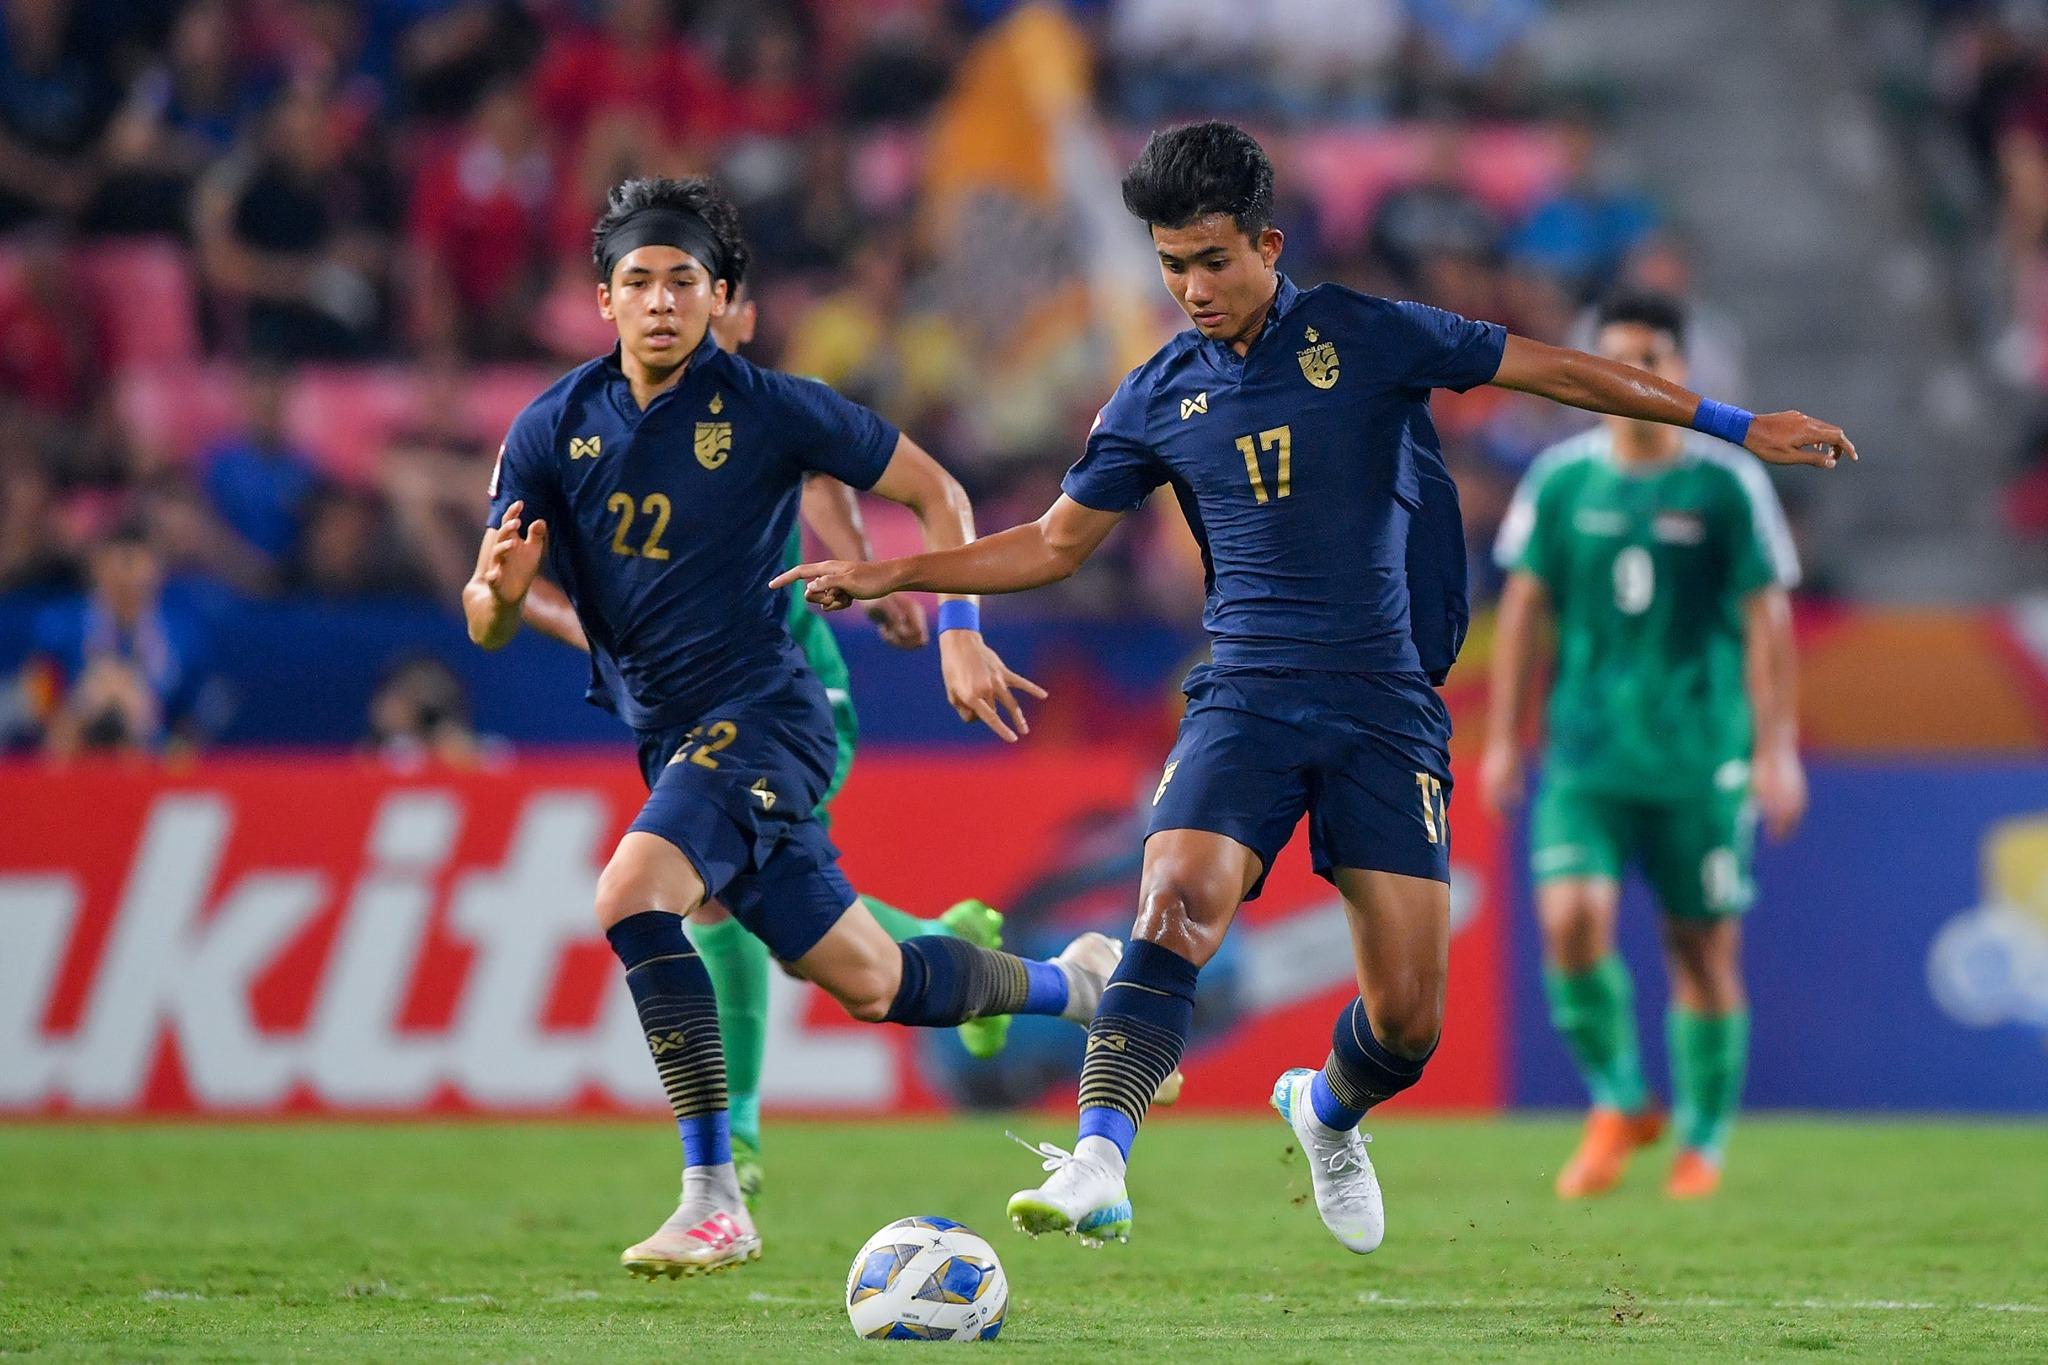 ของถึง! เบนจามิน เดวิส ชี้ ศุภณัฏฐ์ ฝีเท้าดีพอเล่นให้ฟูแล่ม | Goal.com